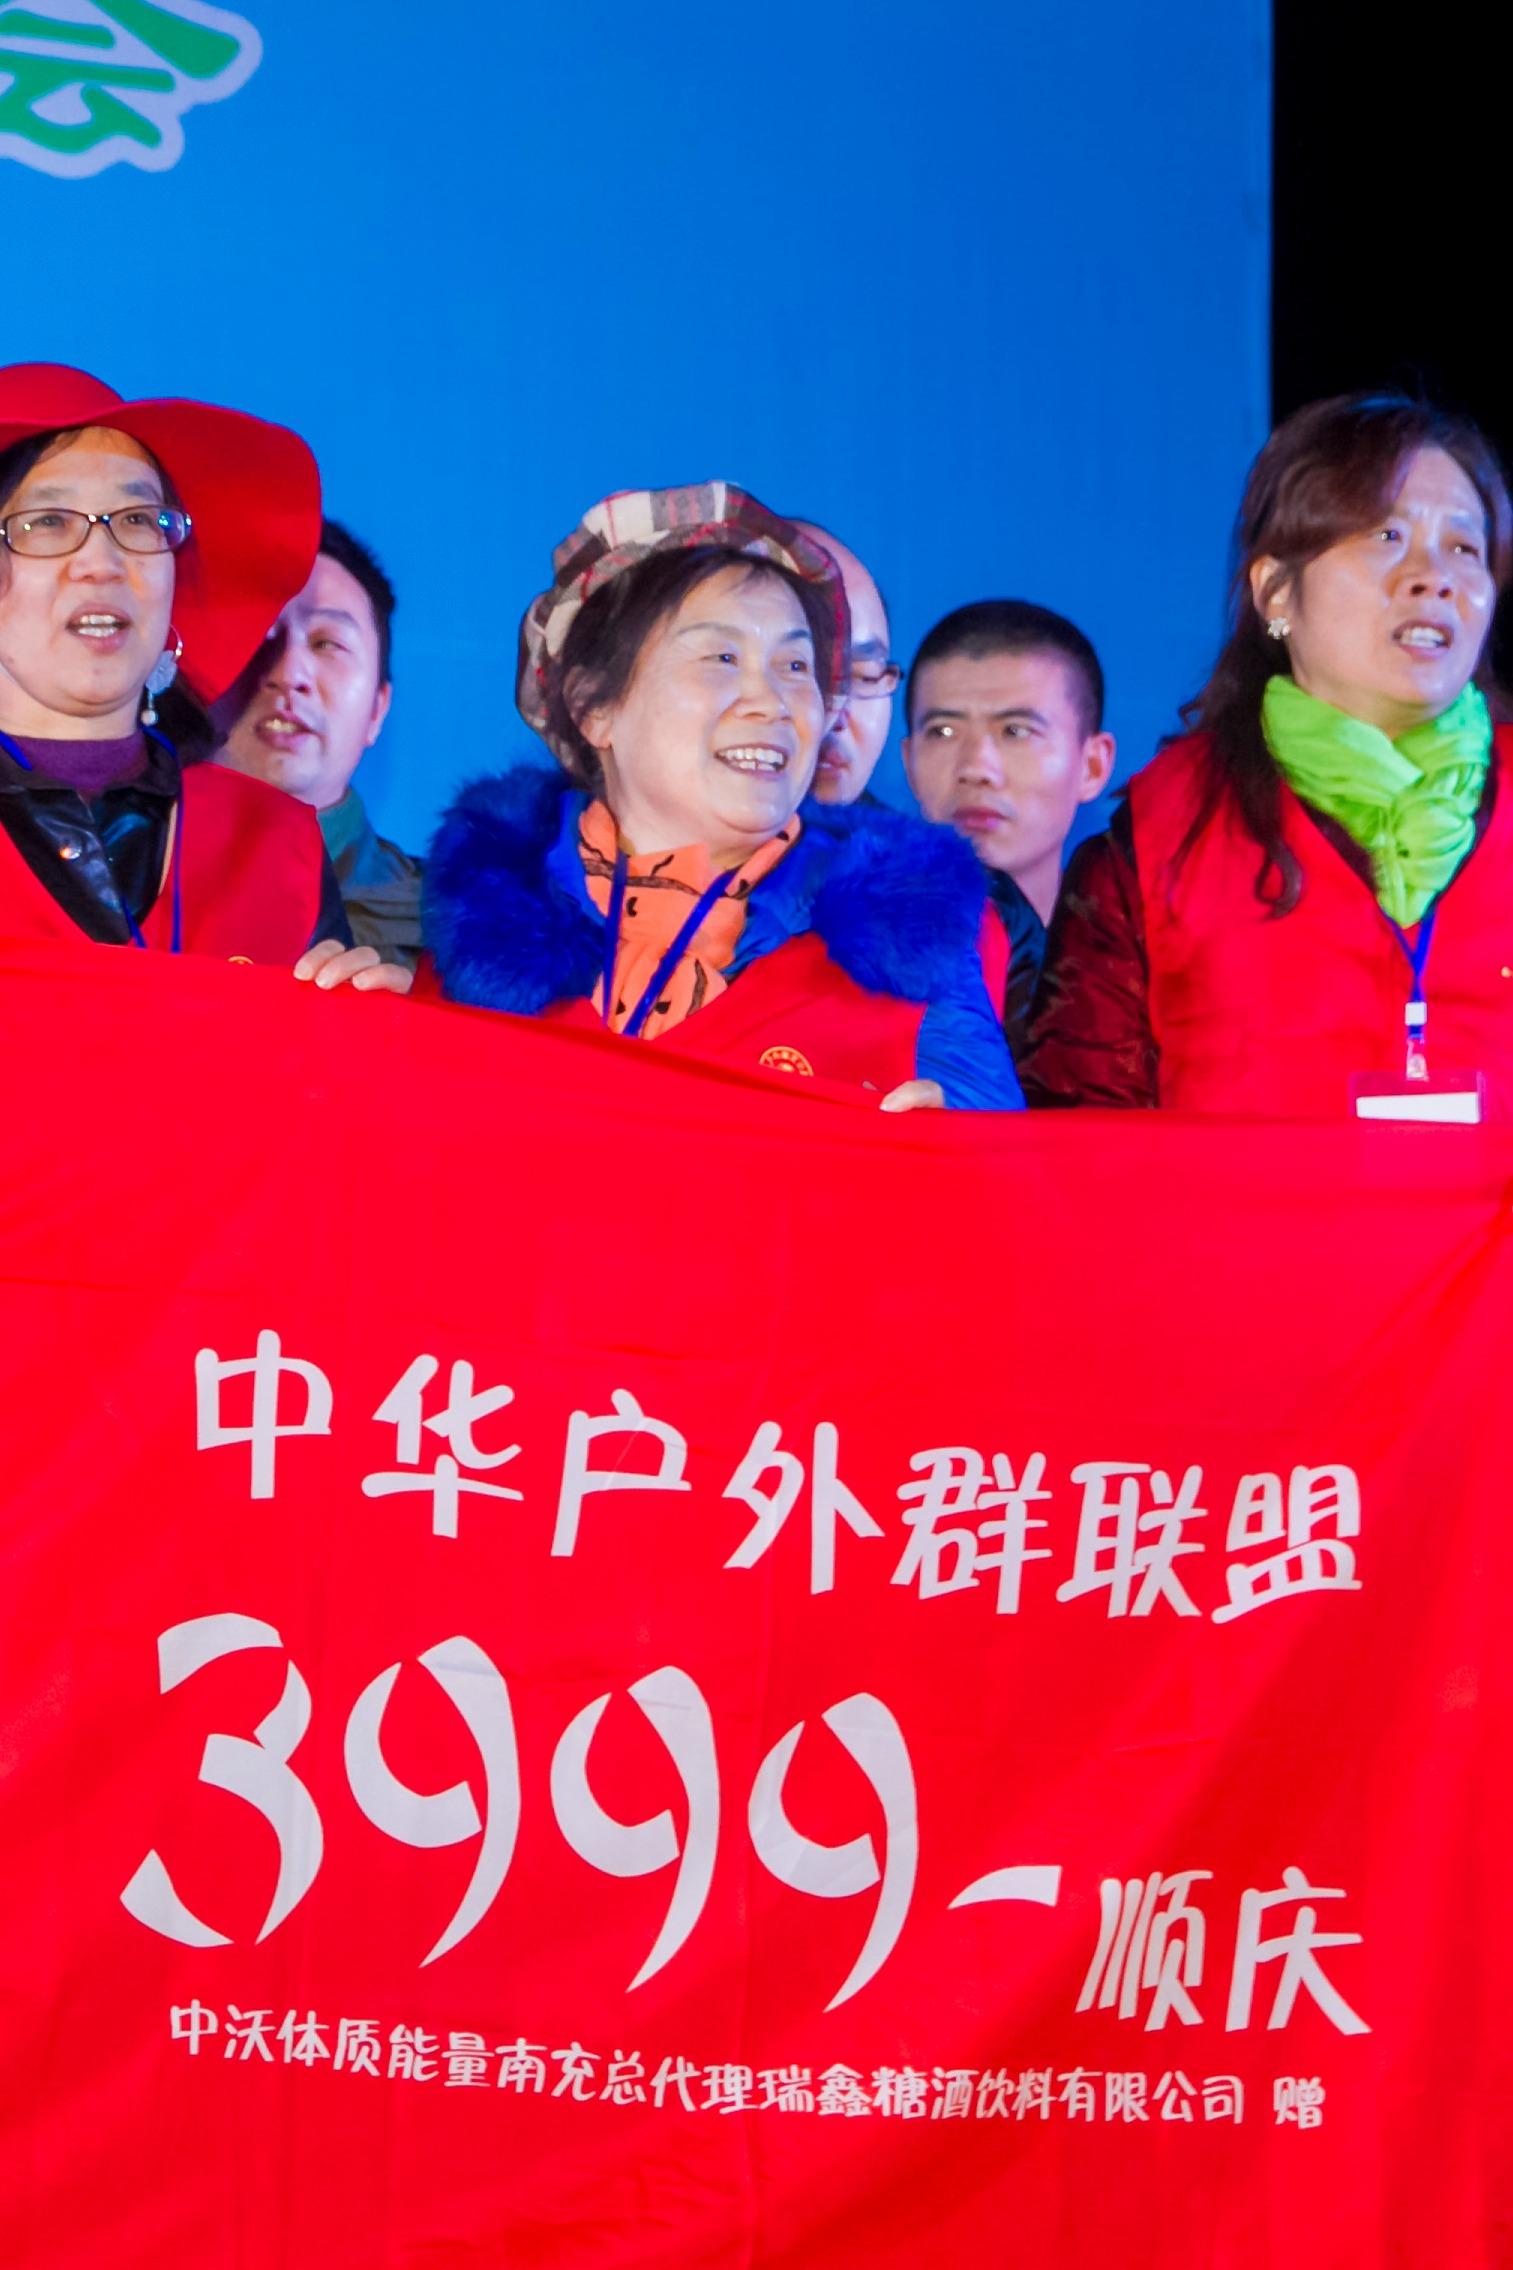 群联盟10年庆典及7月聚会活动召集